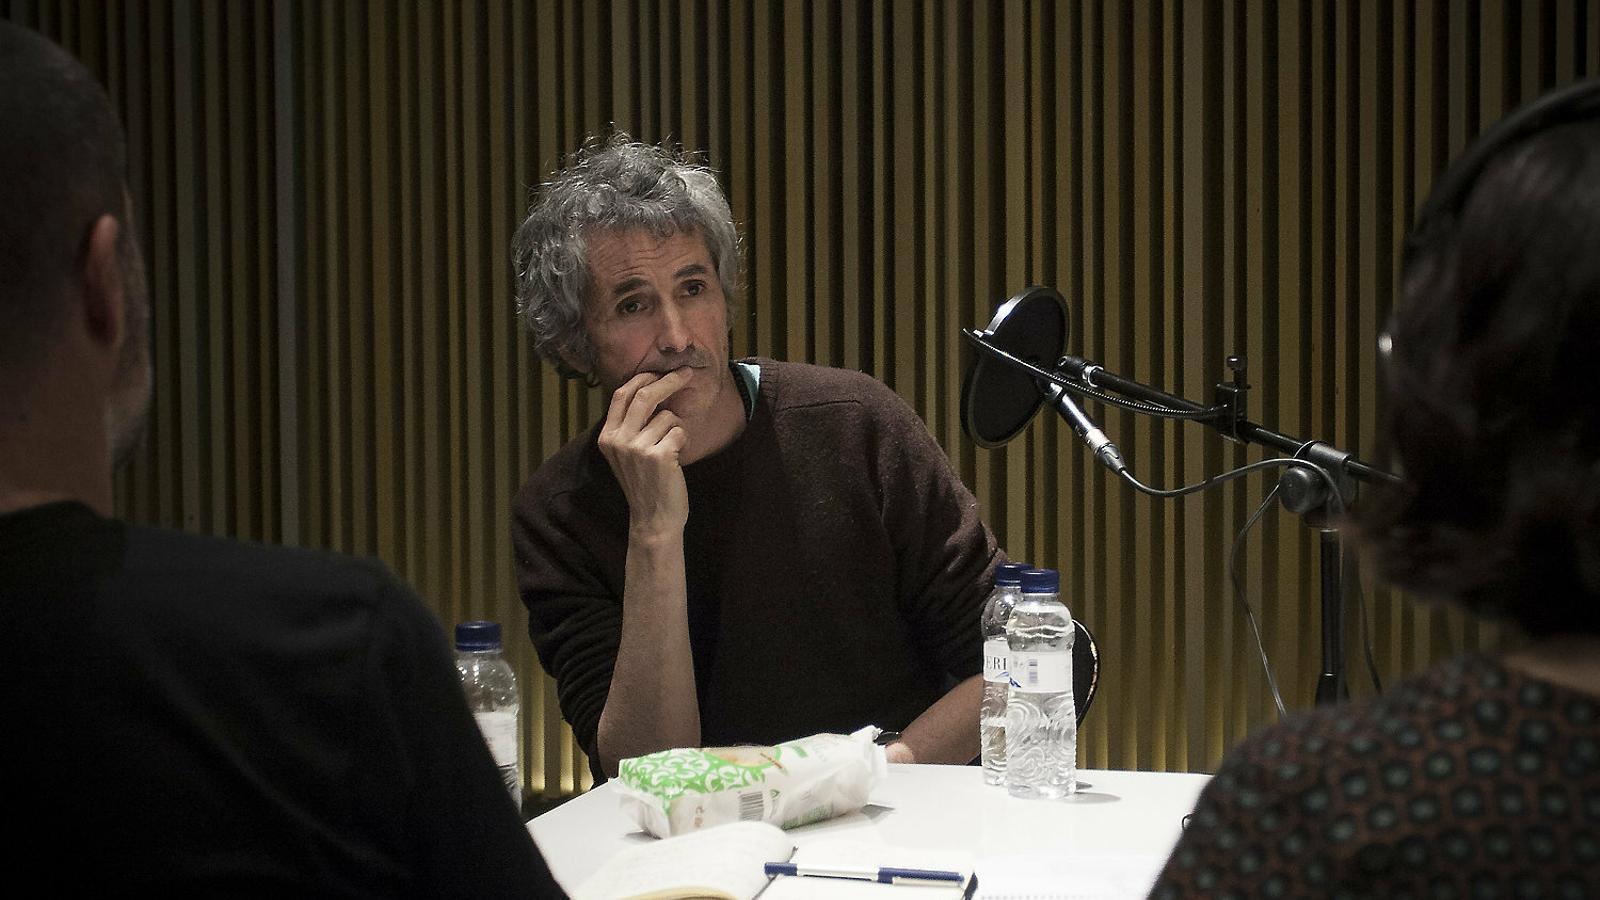 El videocreador Toni Serra, conegut com a Abu Ali, en una imatge del 2016.